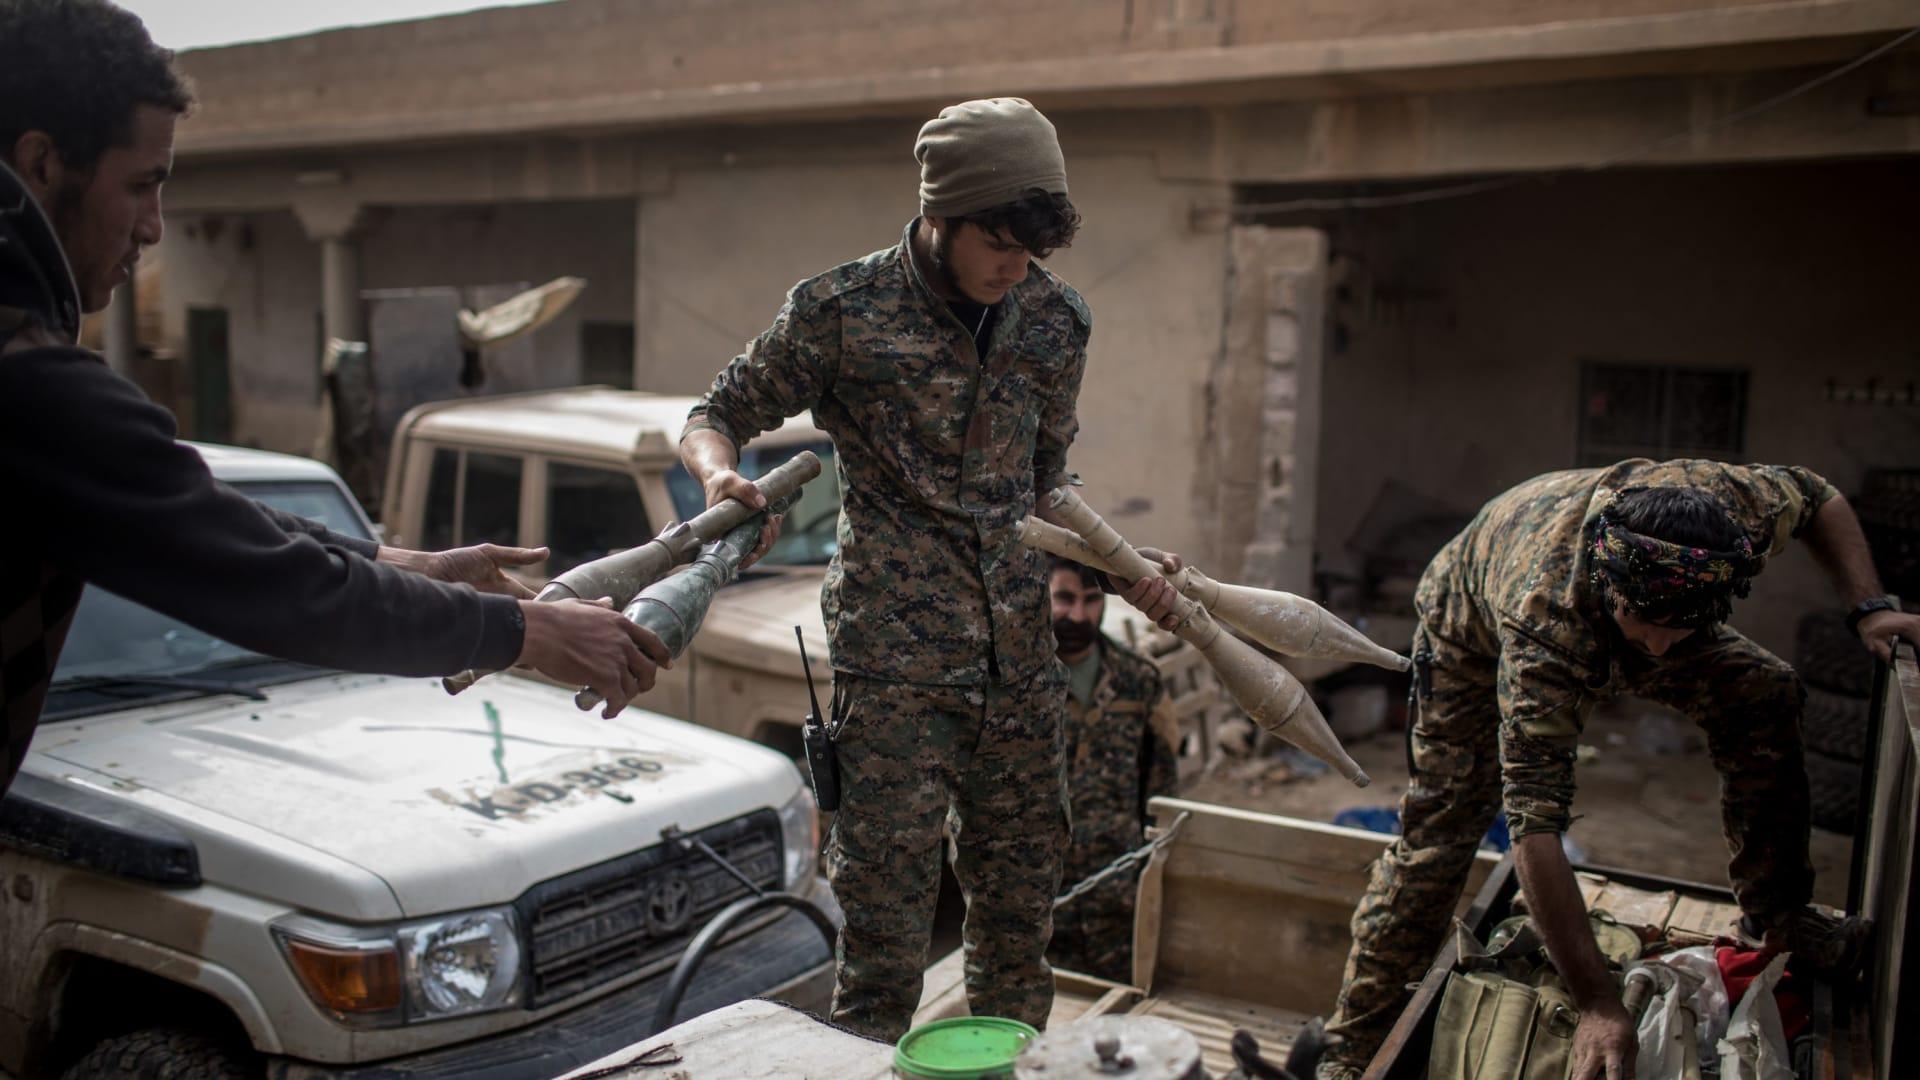 تقليص المناطق التي يسيطر عليها داعش بسوريا إلى 700 متر مربع